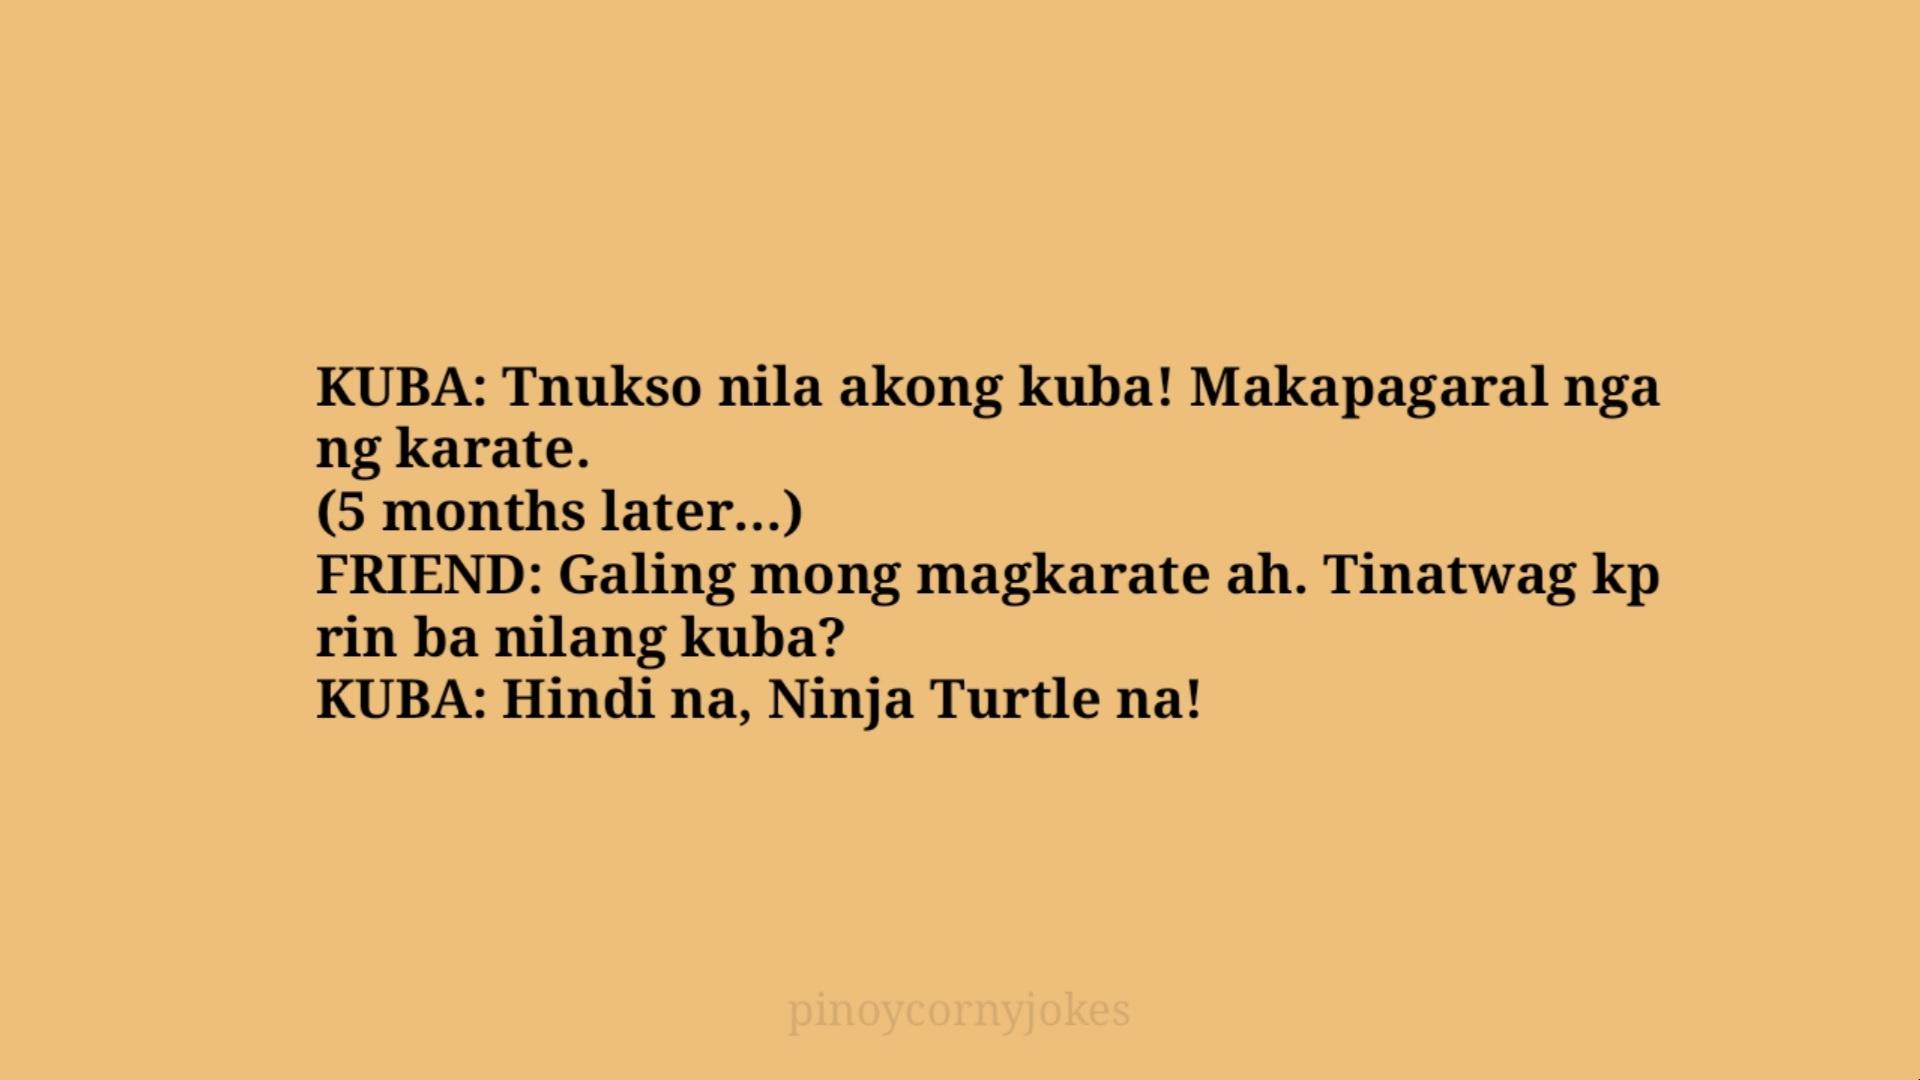 kuba tagalog jokes